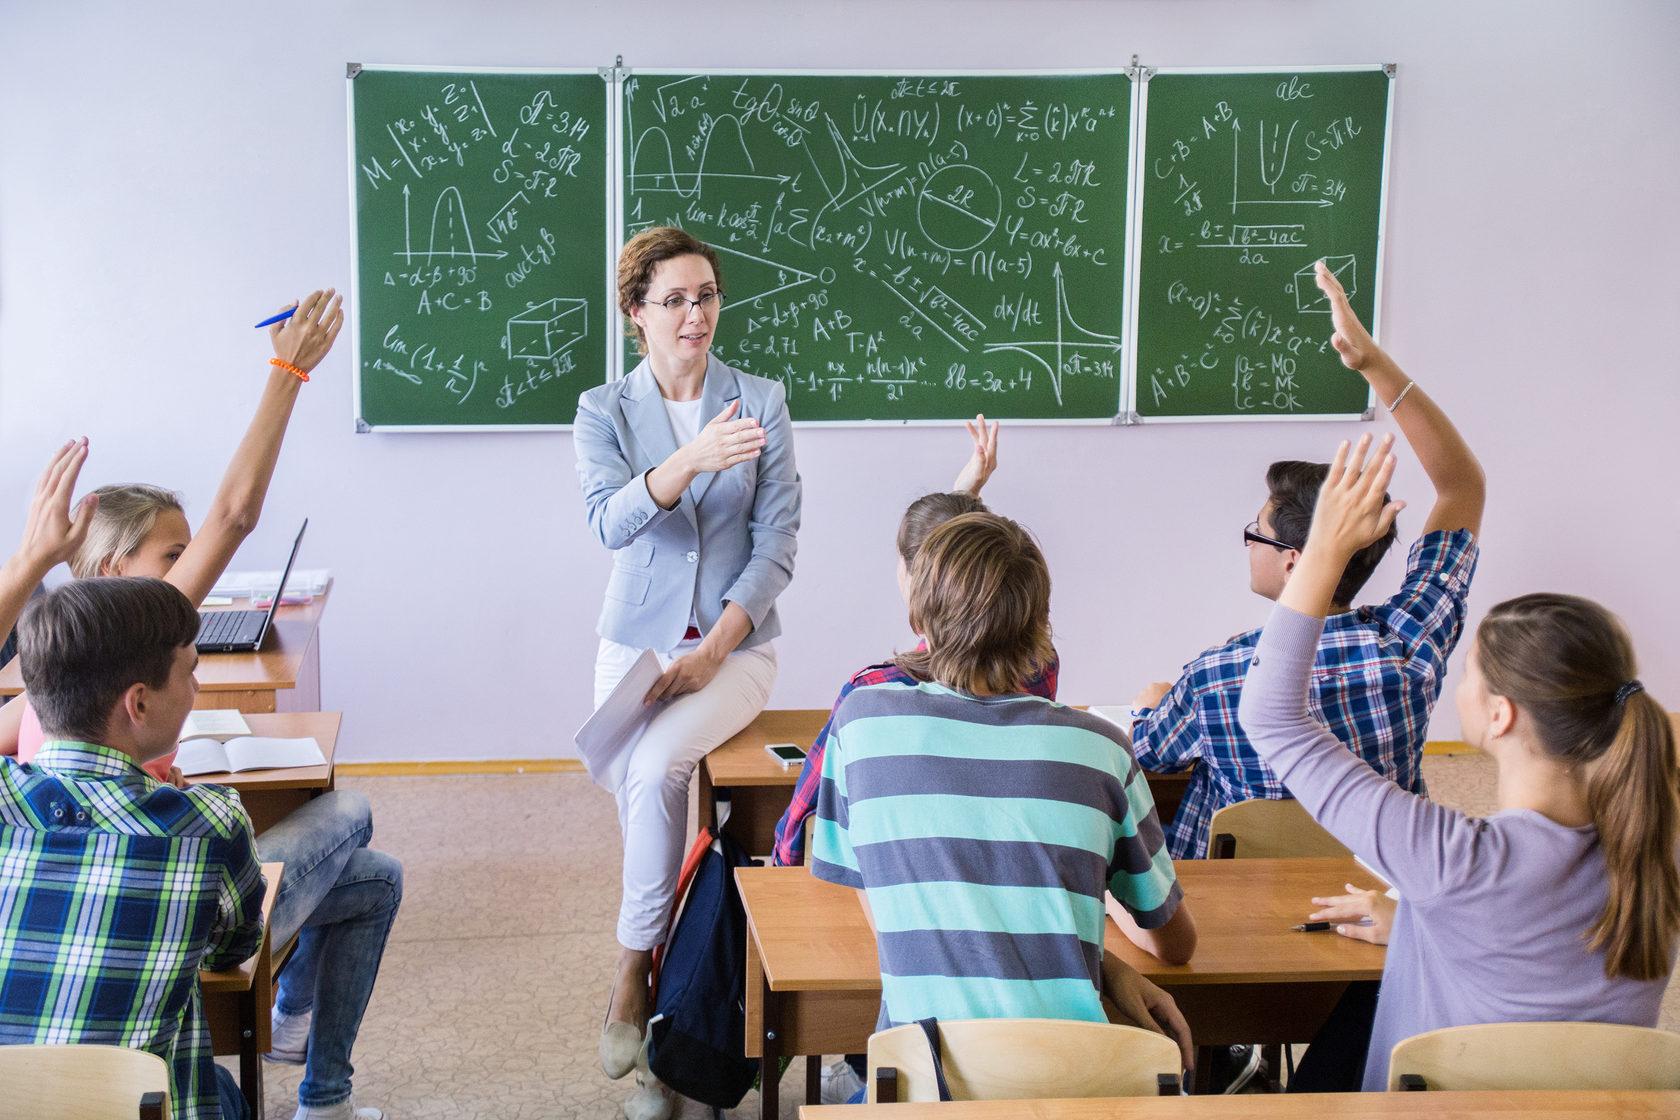 Программа профессиональной переподготовки: Профессиональная переподготовка педагогов по предметным компетенциям